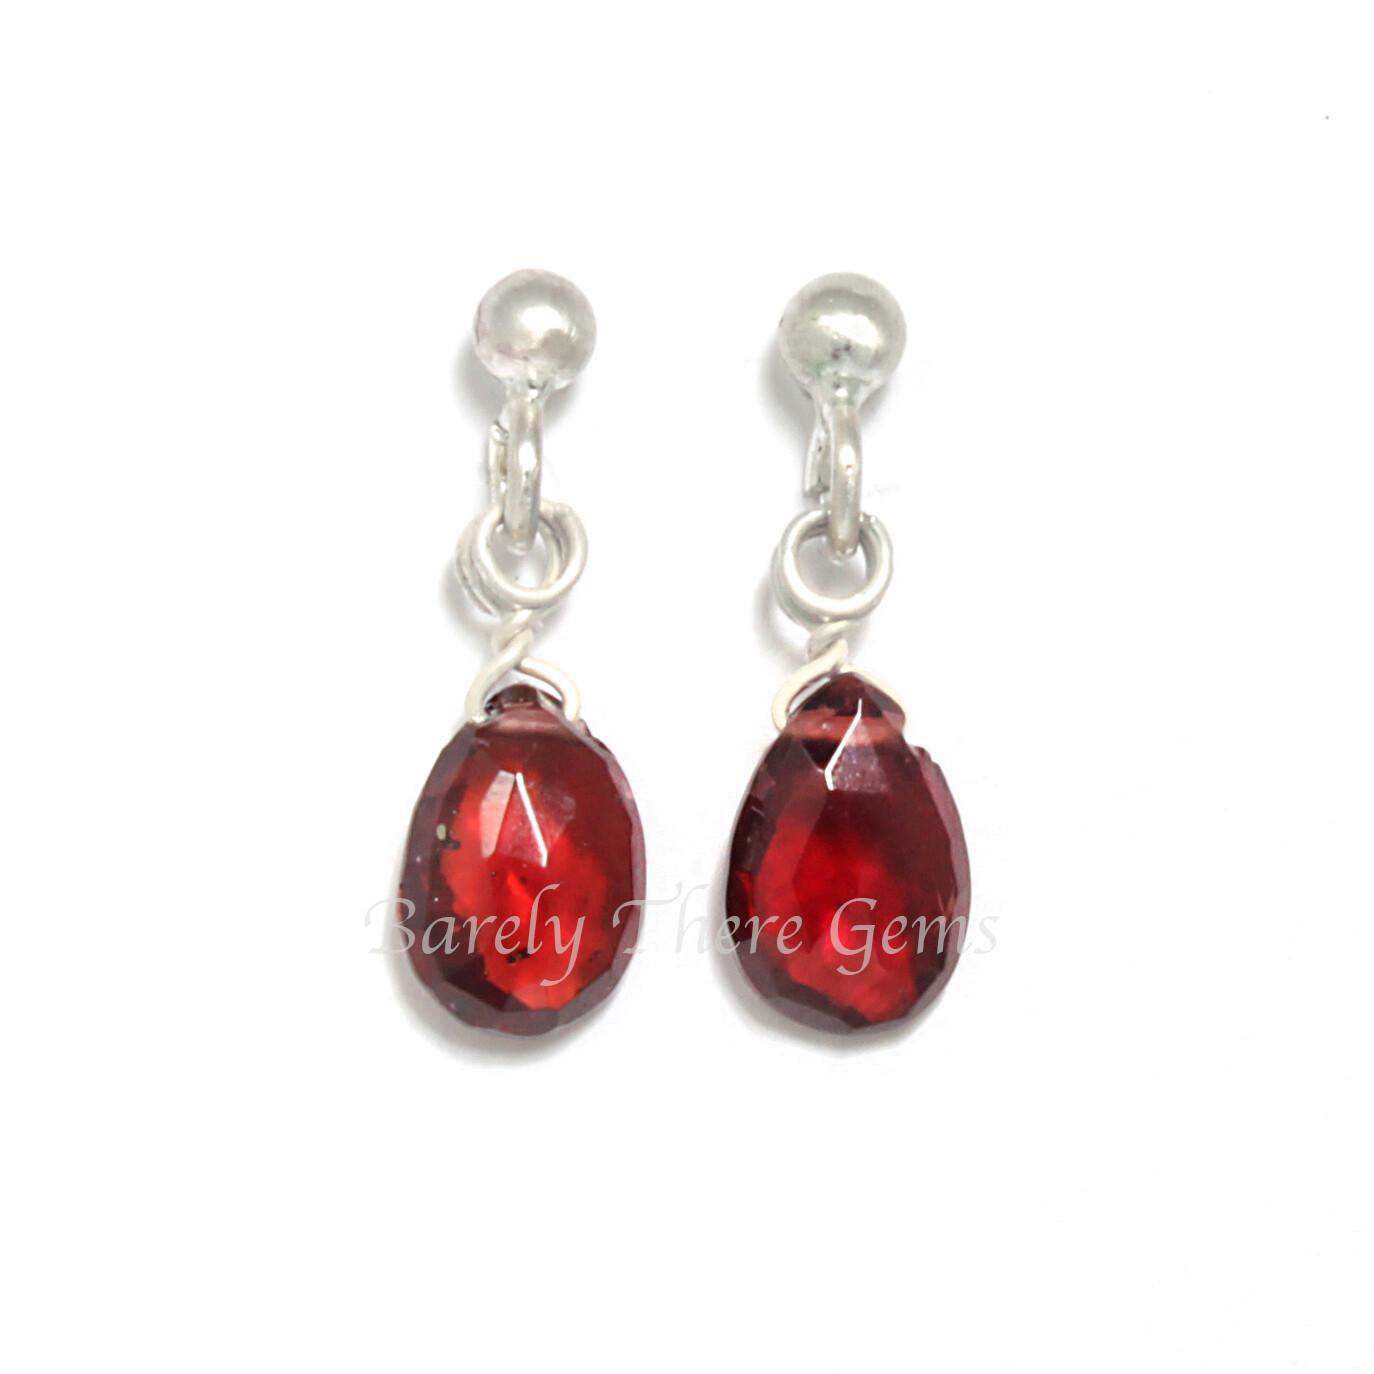 Garnet, Sterling Silver, Stud Earrings